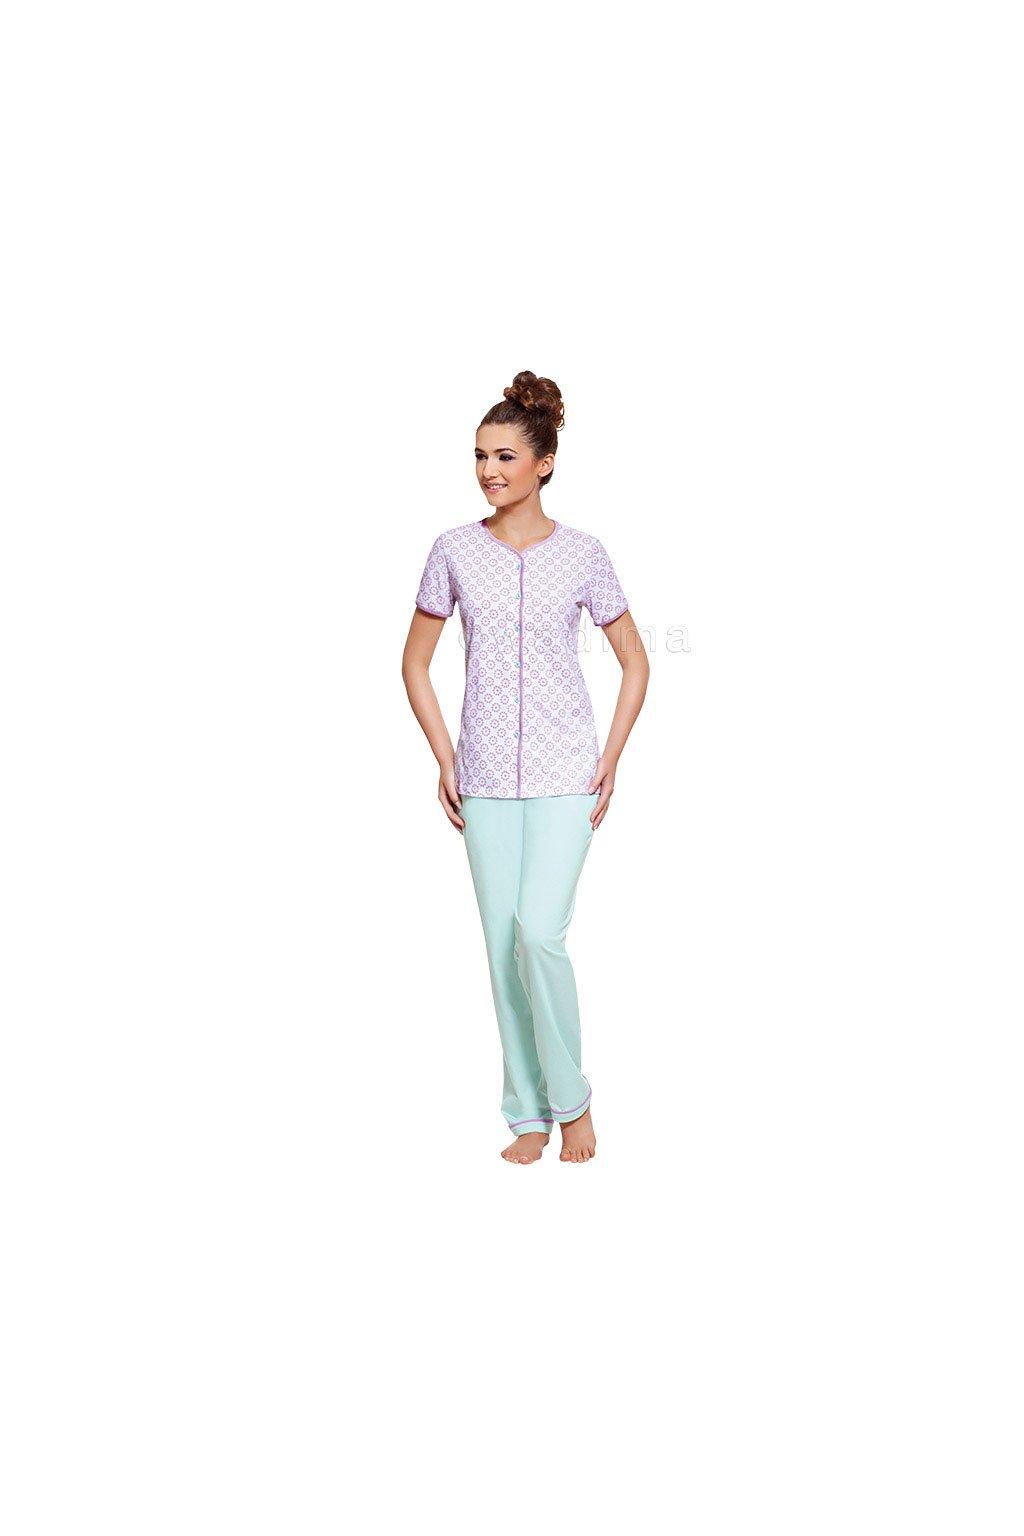 Dámské pyžamo s krátkým rukávem a dlouhými nohavicemi, 104278 760, bílá/mátová